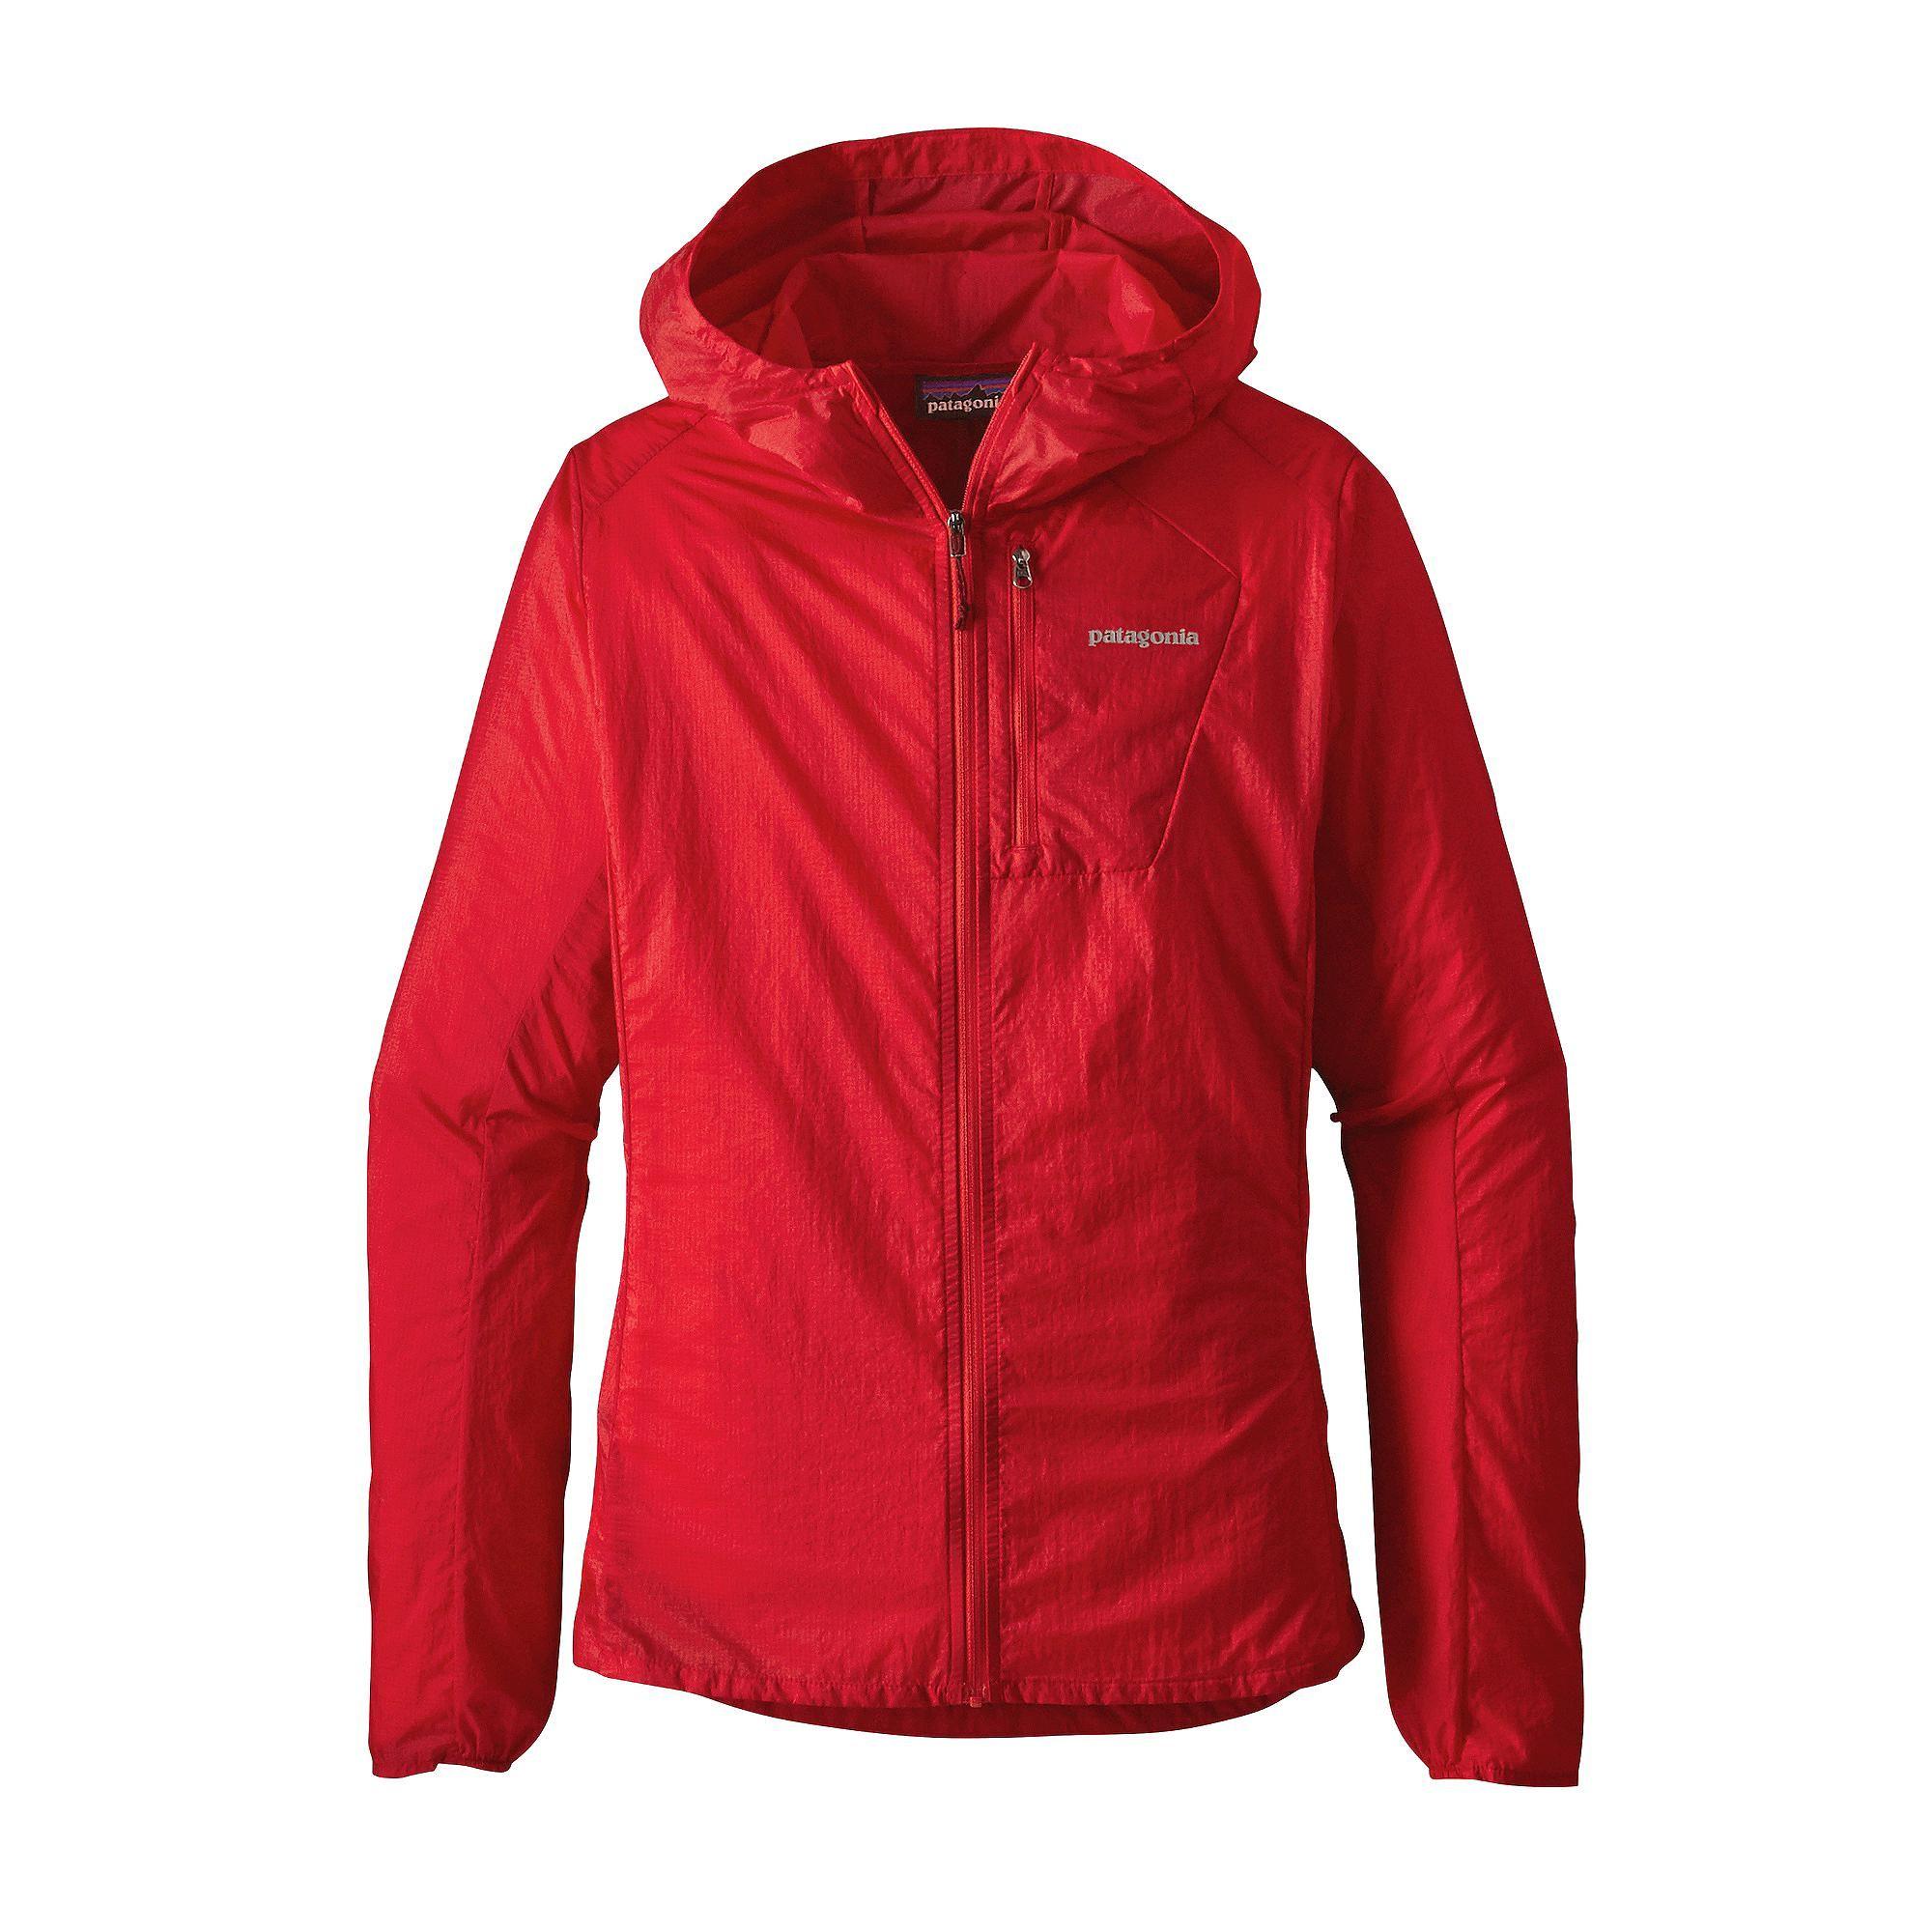 Women's Houdini® Jacket Jackets, Windbreaker jacket